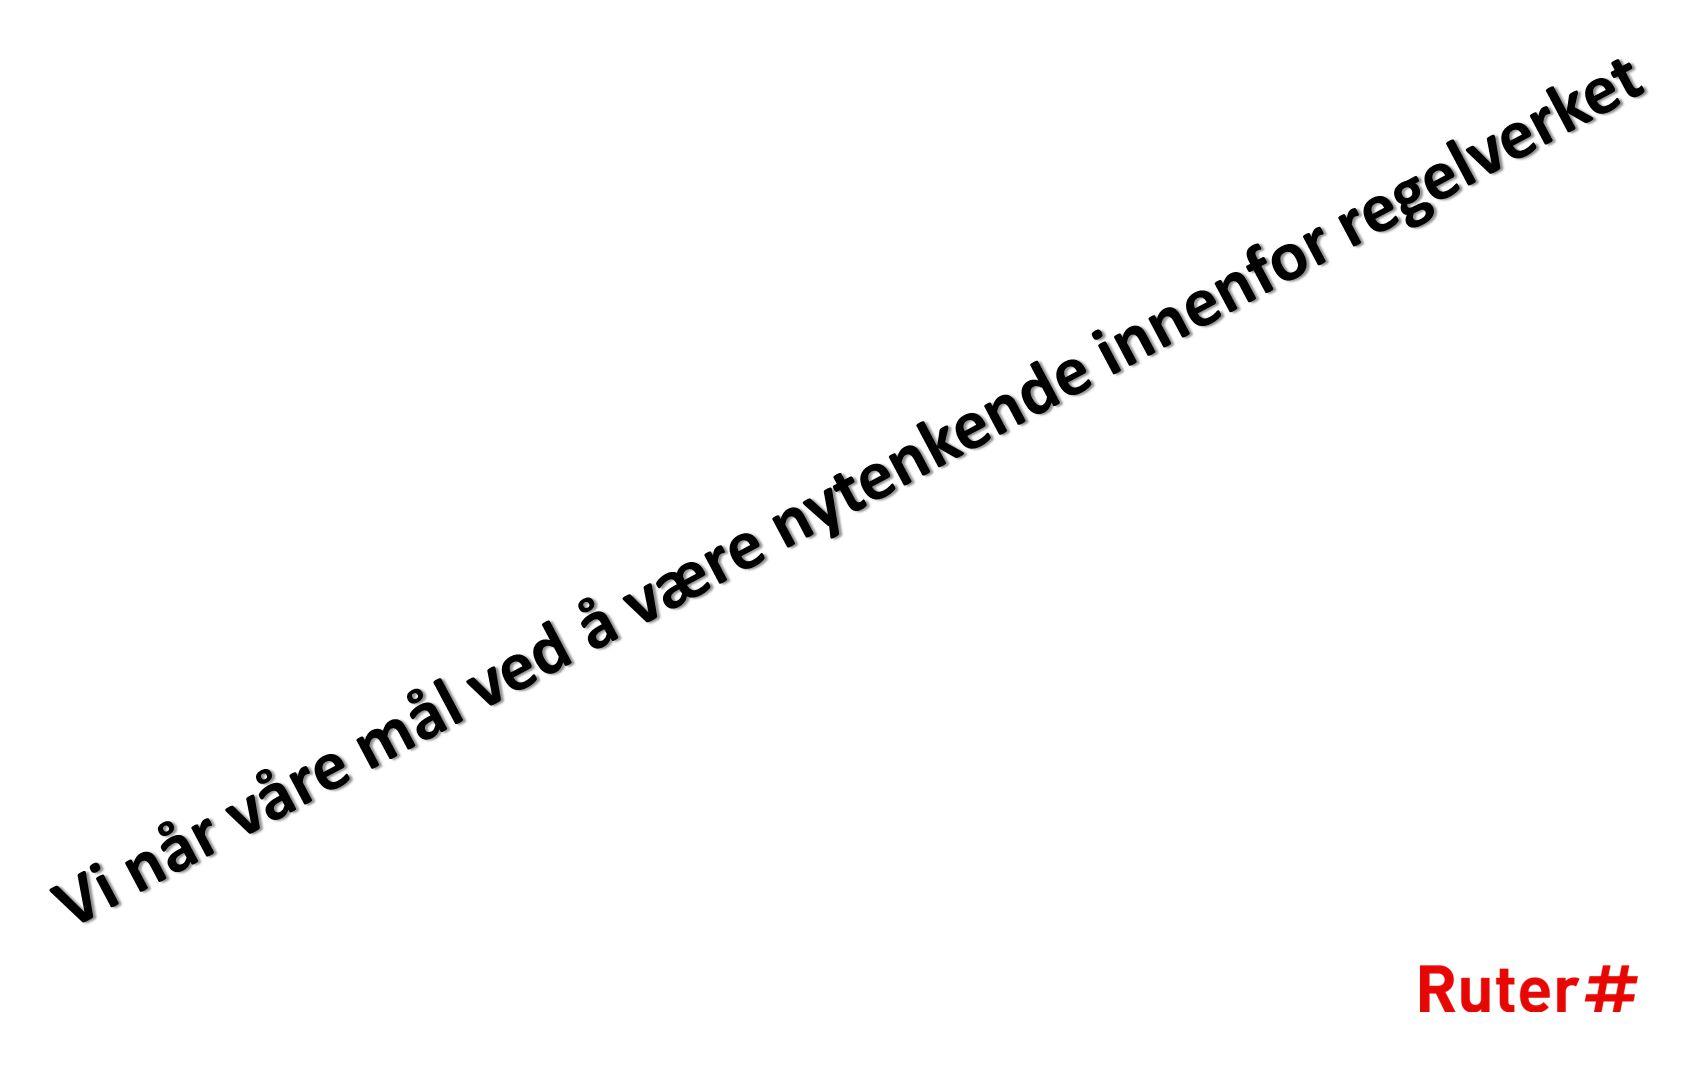 Ruters program for å forhindre korrupsjon og andre alvorlige regelbrudd 1.Forebygge a.Etisk regelverk (Personalhåndboken) b.Handlingsregler for leverandører (jf FNs Global Compact 10 prinsipper, www.kollektivanbud.no) c.Klar lederforankring: «Tone from the top» er viktig.